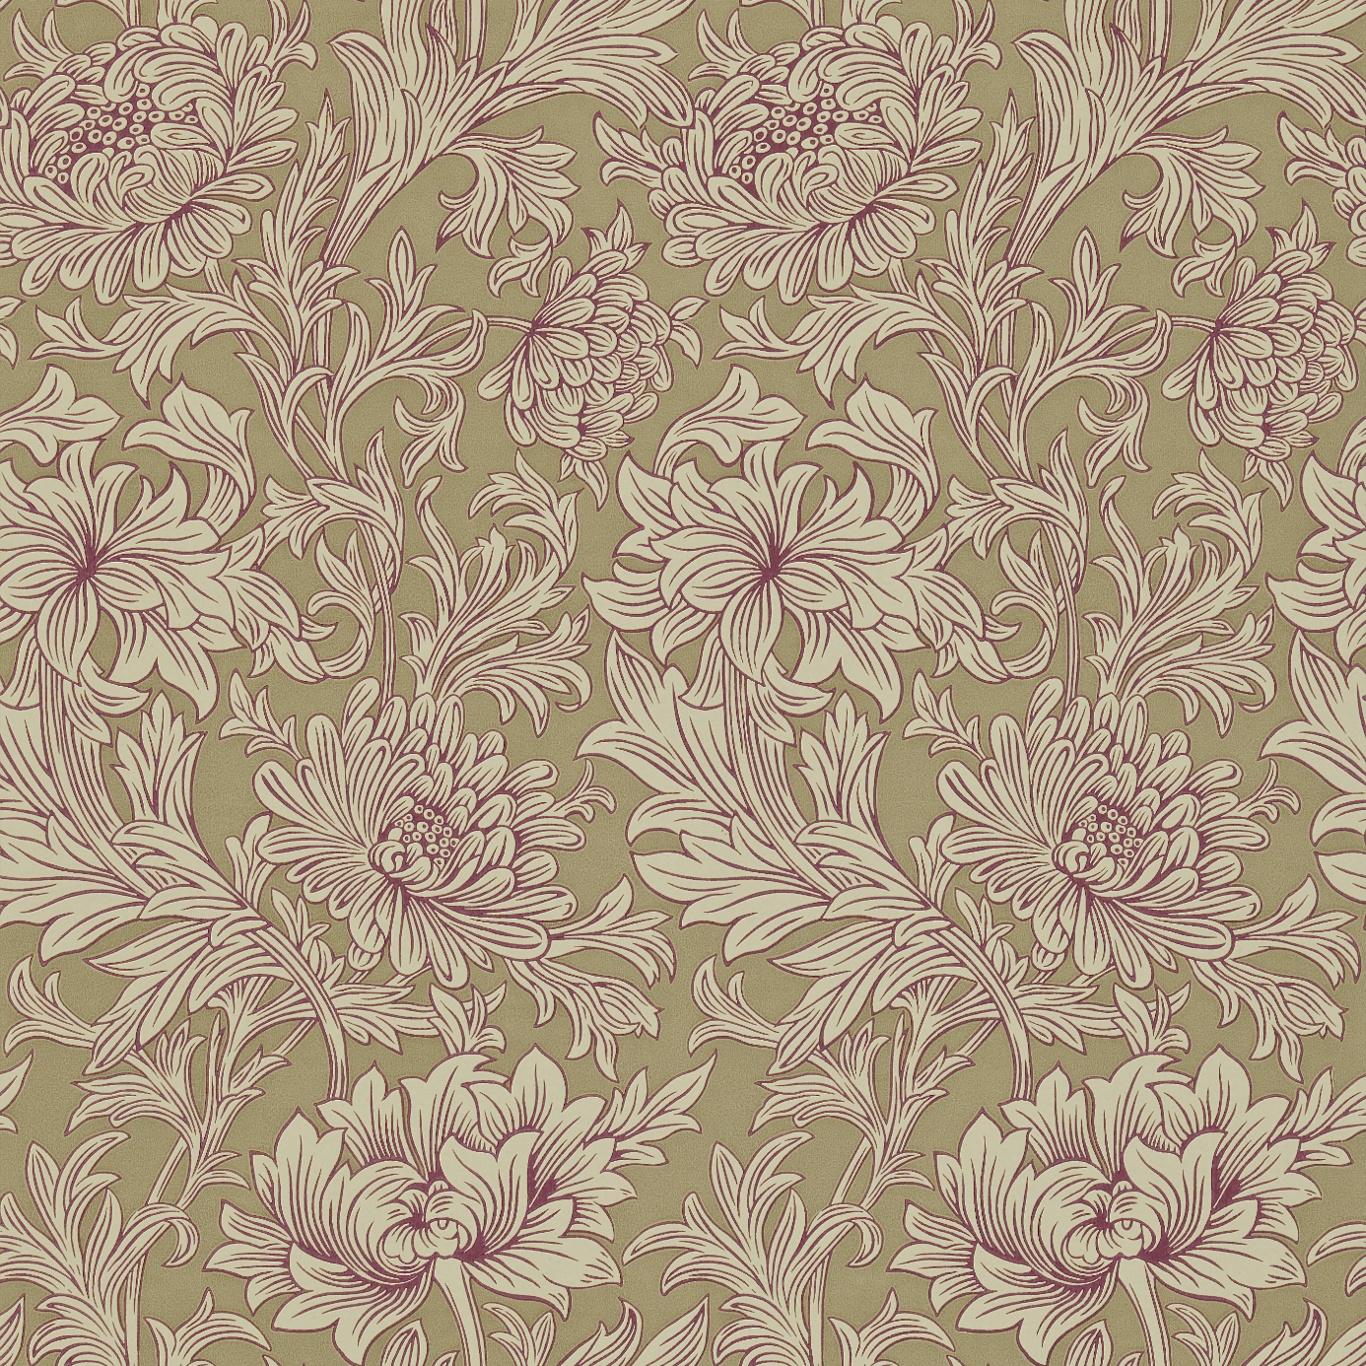 Chrysanthemum Toile by MOR